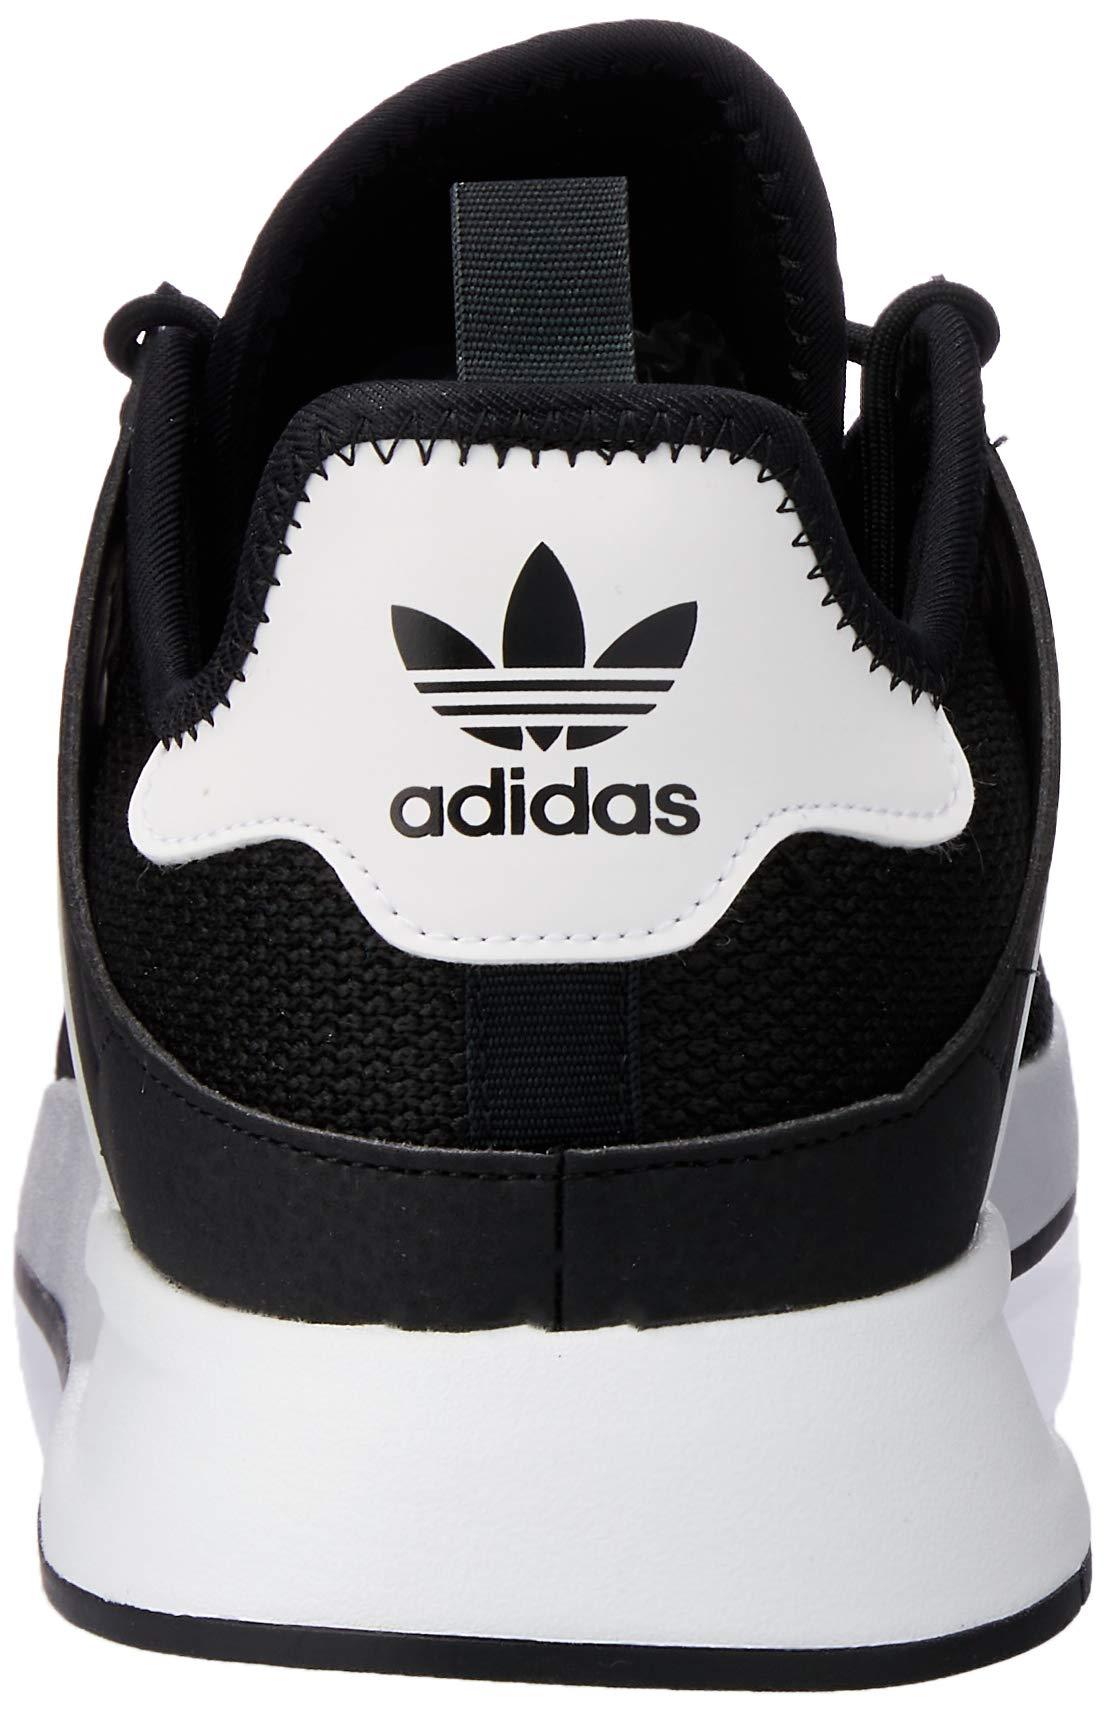 Adidas X_PLR, Scarpe da Fitness Uomo 5 spesavip